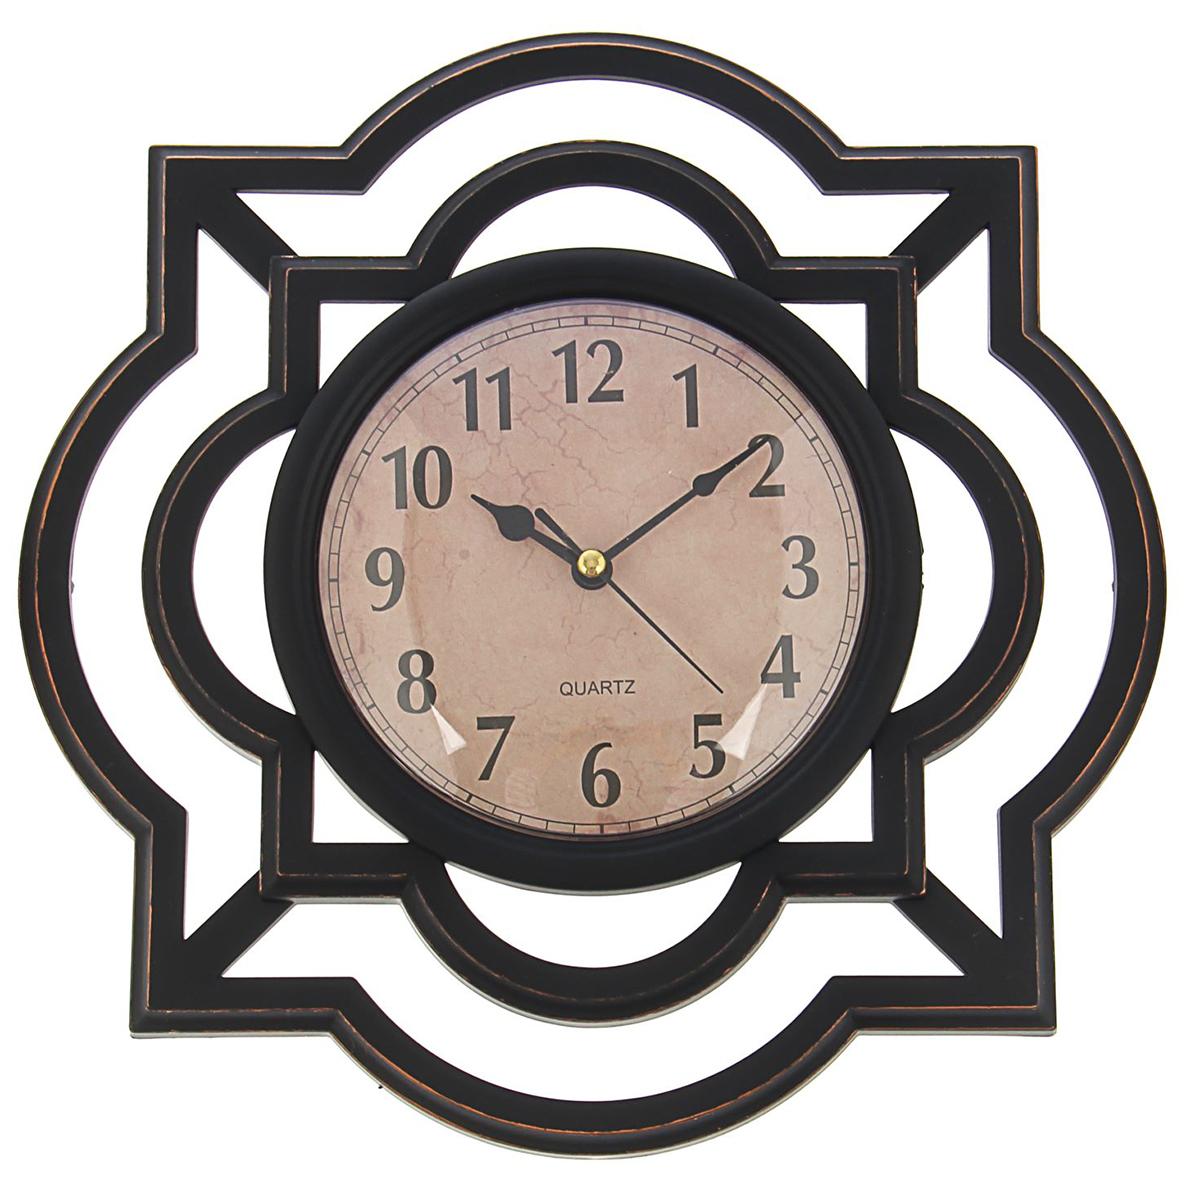 Часы настенные Жанна. Графика, 25 х 25 см1586984Каждому хозяину периодически приходит мысль обновить свою квартиру, сделать ремонт, перестановку или кардинально поменять внешний вид каждой комнаты. Часы настенные круглые Серия Жанна. Графика, ретро циферблат, рама черная — привлекательная деталь, которая поможет воплотить вашу интерьерную идею, создать неповторимую атмосферу в вашем доме. Окружите себя приятными мелочами, пусть они радуют глаз и дарят гармонию.Часы настенные серия Жанна, рама Графика черная, ретро циферблат 25*25см 1586984